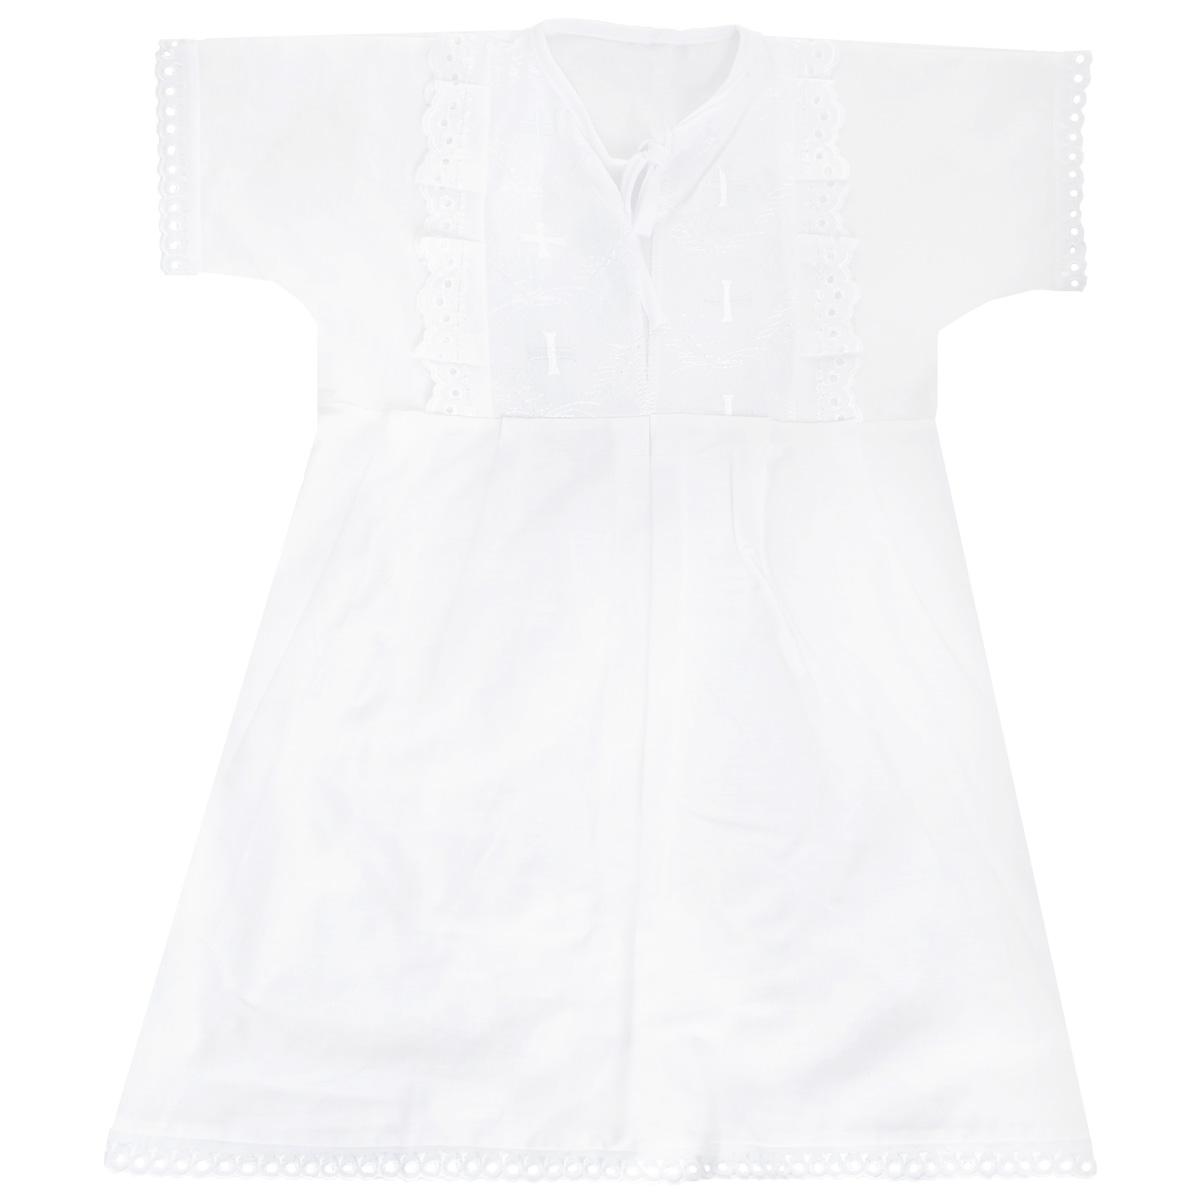 Крестильный набор1148Крестильная рубашка для девочки Трон-плюс, выполненная из натурального хлопка, идеально подойдет для крещения вашей малышки. Рубашка необычайно мягкая и приятная на ощупь, не сковывает движения и позволяет коже дышать, не раздражает нежную кожу ребенка, обеспечивая ему наибольший комфорт. Рубашка трапециевидной формы с короткими рукавами имеет две завязки на груди, которые помогают с легкостью переодеть младенца. На груди рубашечка украшена ажурными рюшами и вышивками. Низ рукавов и низ изделия оформлен ажурными петельками. От линии талии заложены складочки, придающие рубашке пышность. Благодаря такой рубашке ваша малышка не замерзнет, и будет выглядеть нарядно.